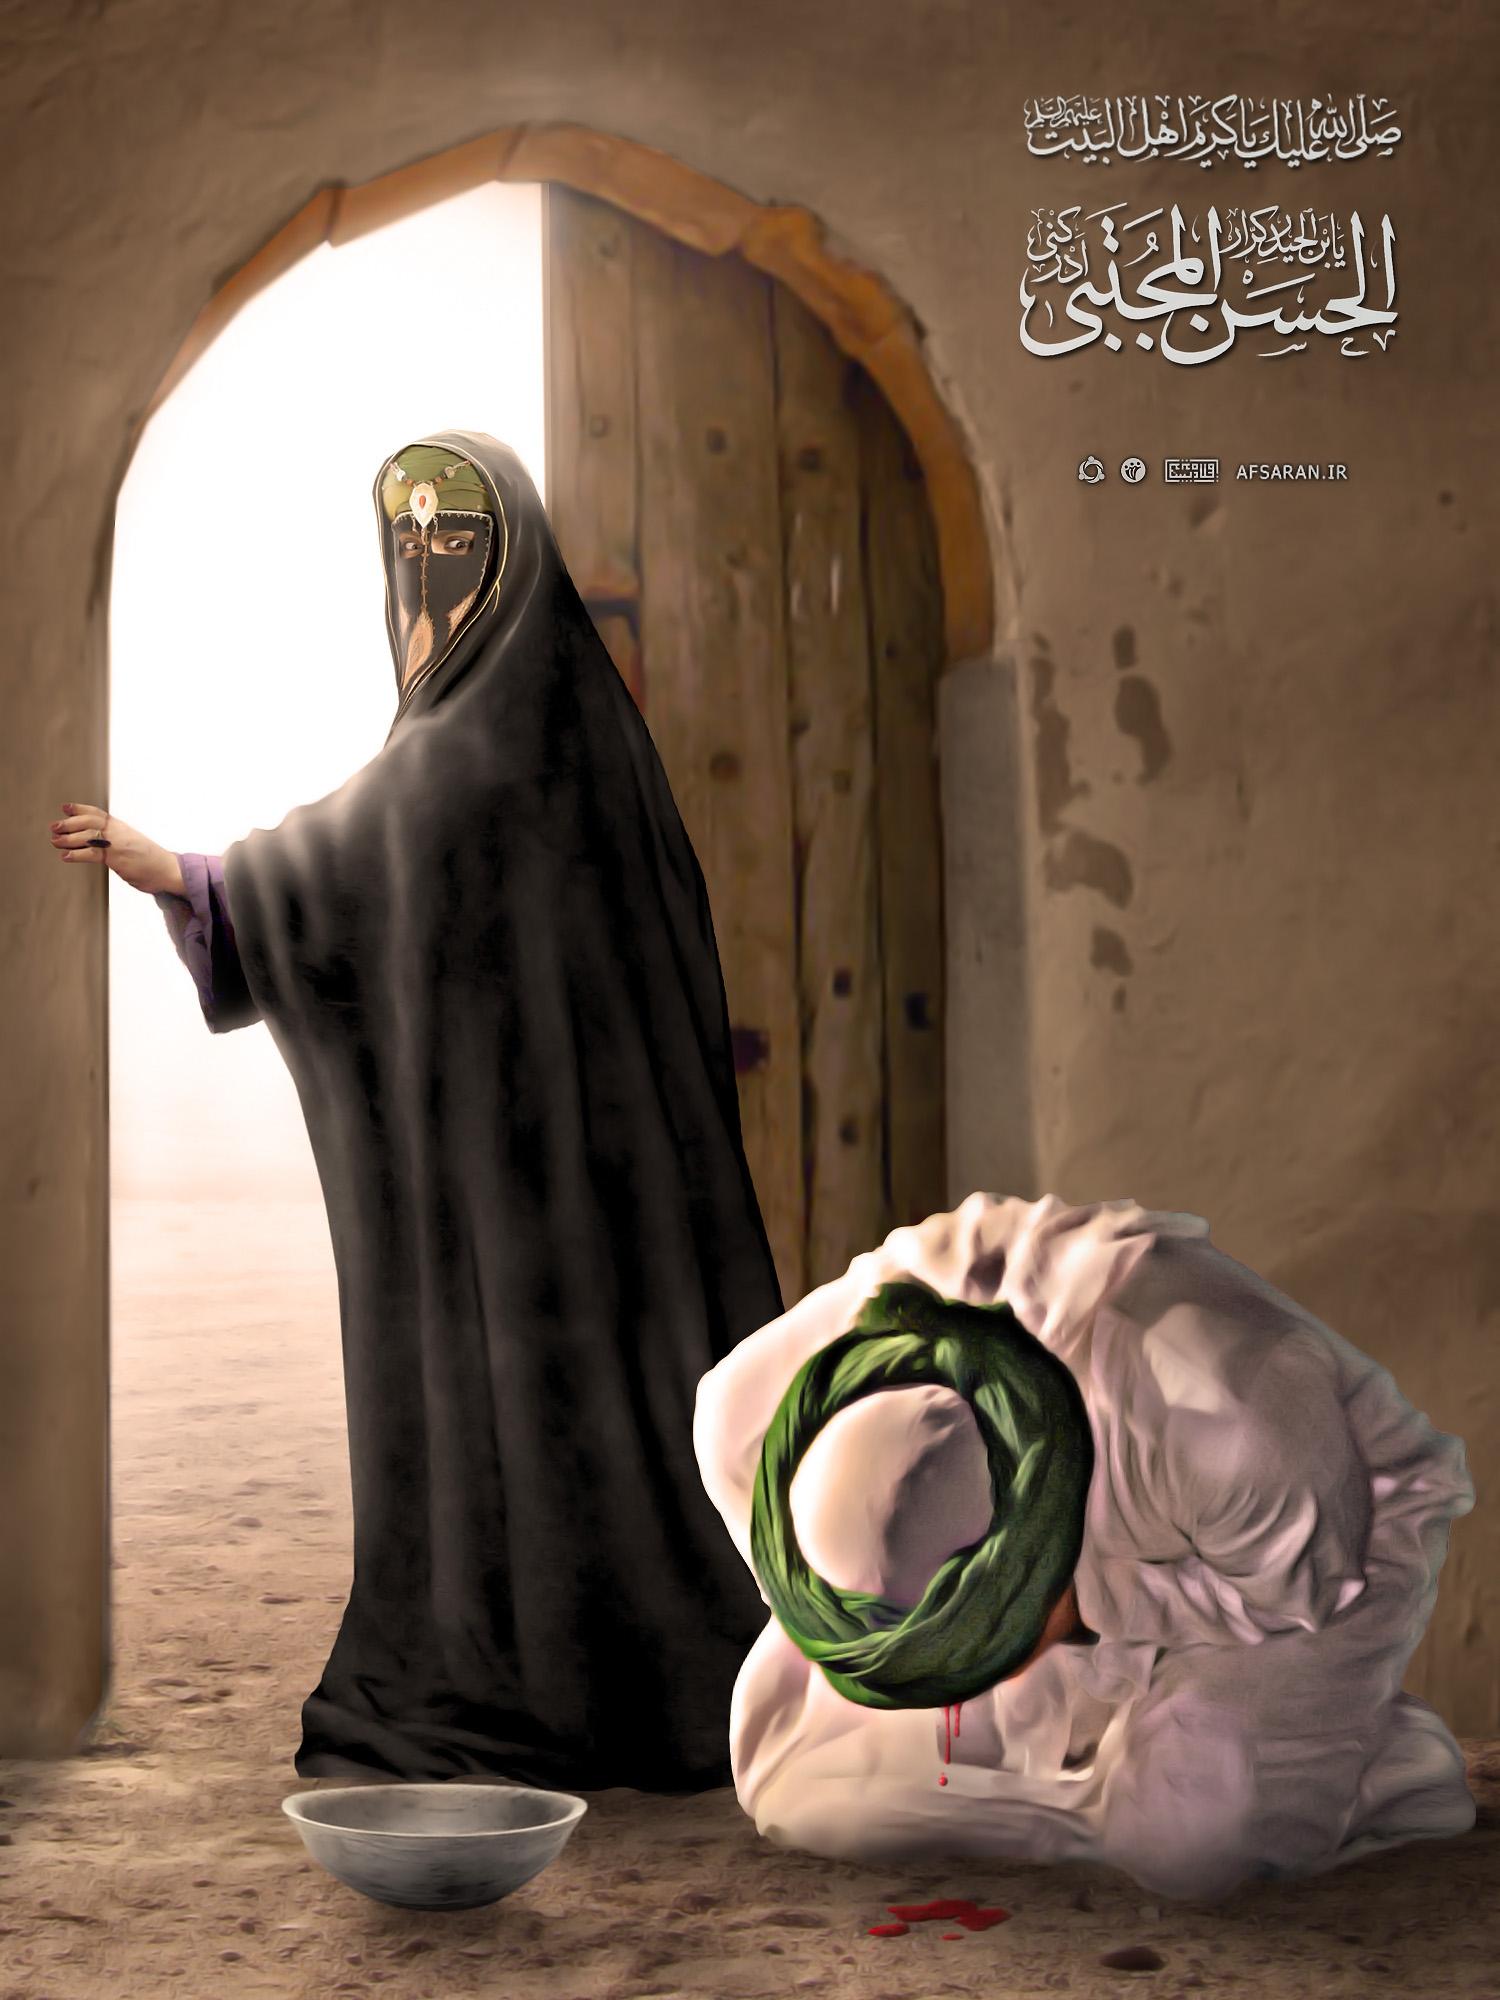 مجموعه پوسترهای شهادت امام حسن مجتبی / امام مظلوم و بی کس